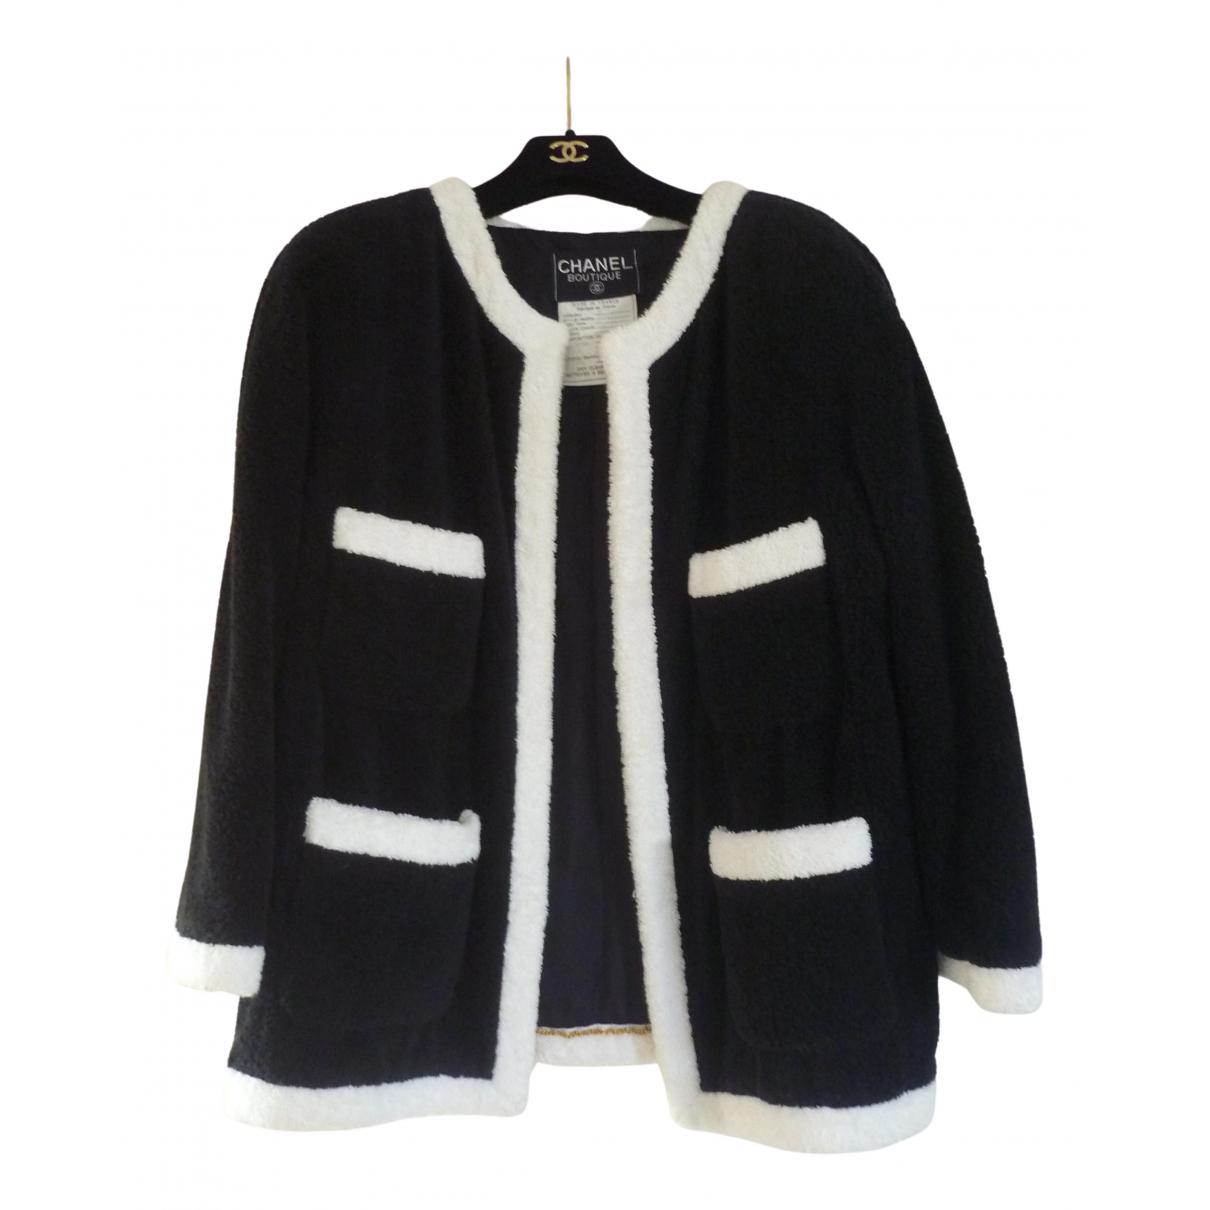 Chanel \N Jacke in  Schwarz Baumwolle